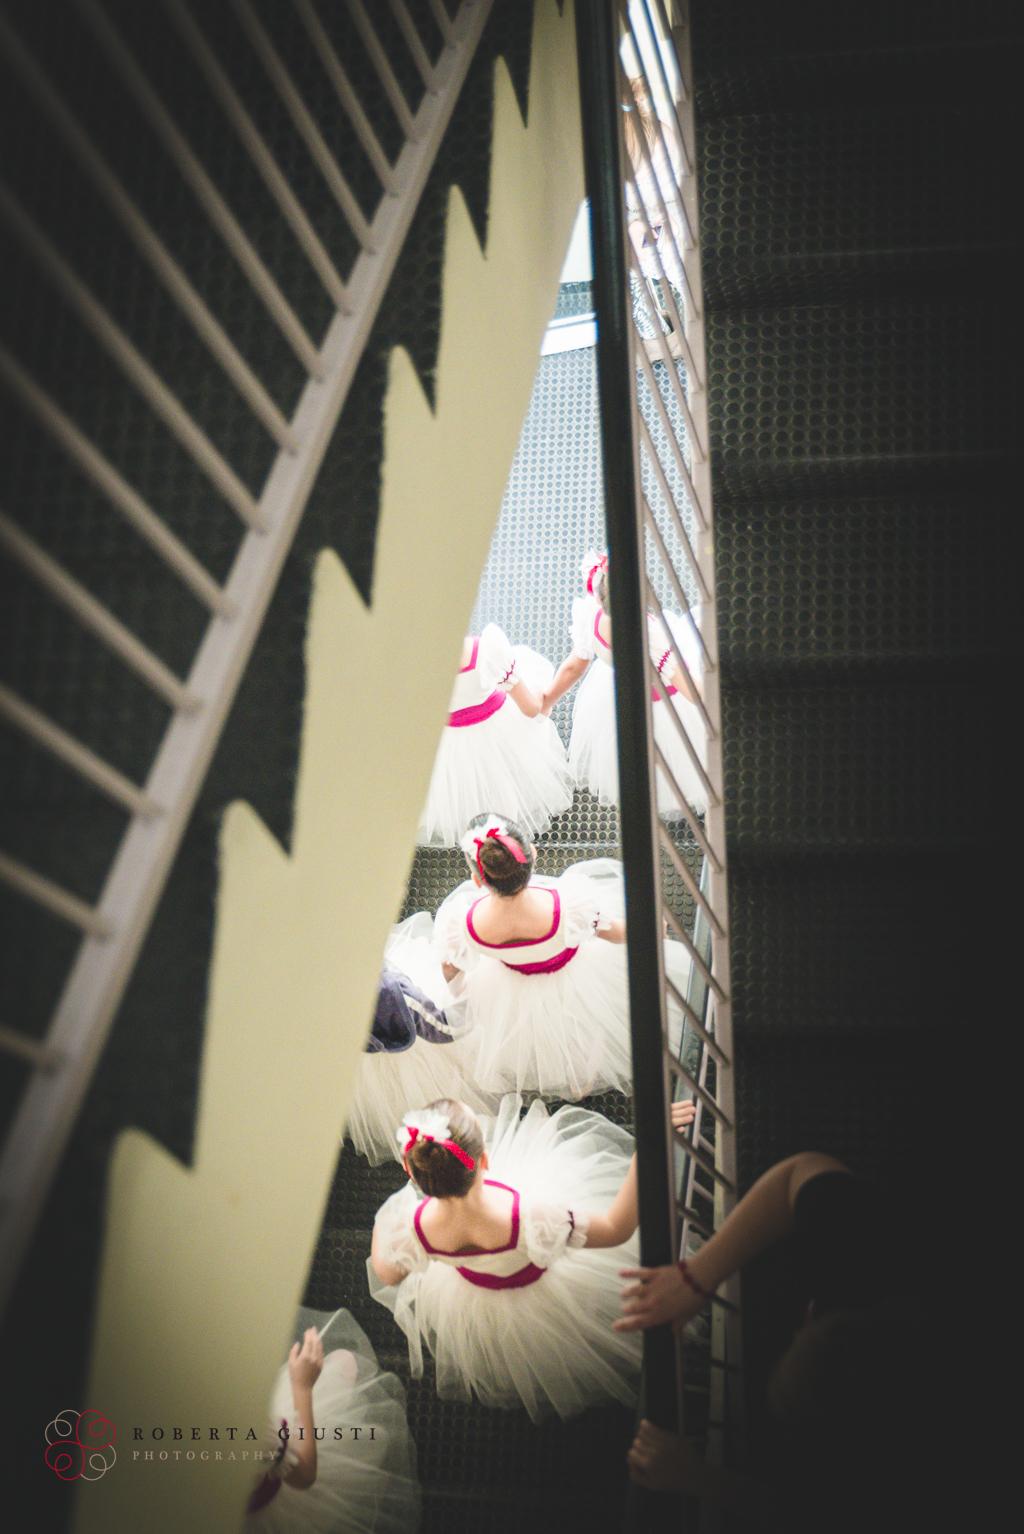 Fotografo Matrimonio Bambini Gravidanza-7